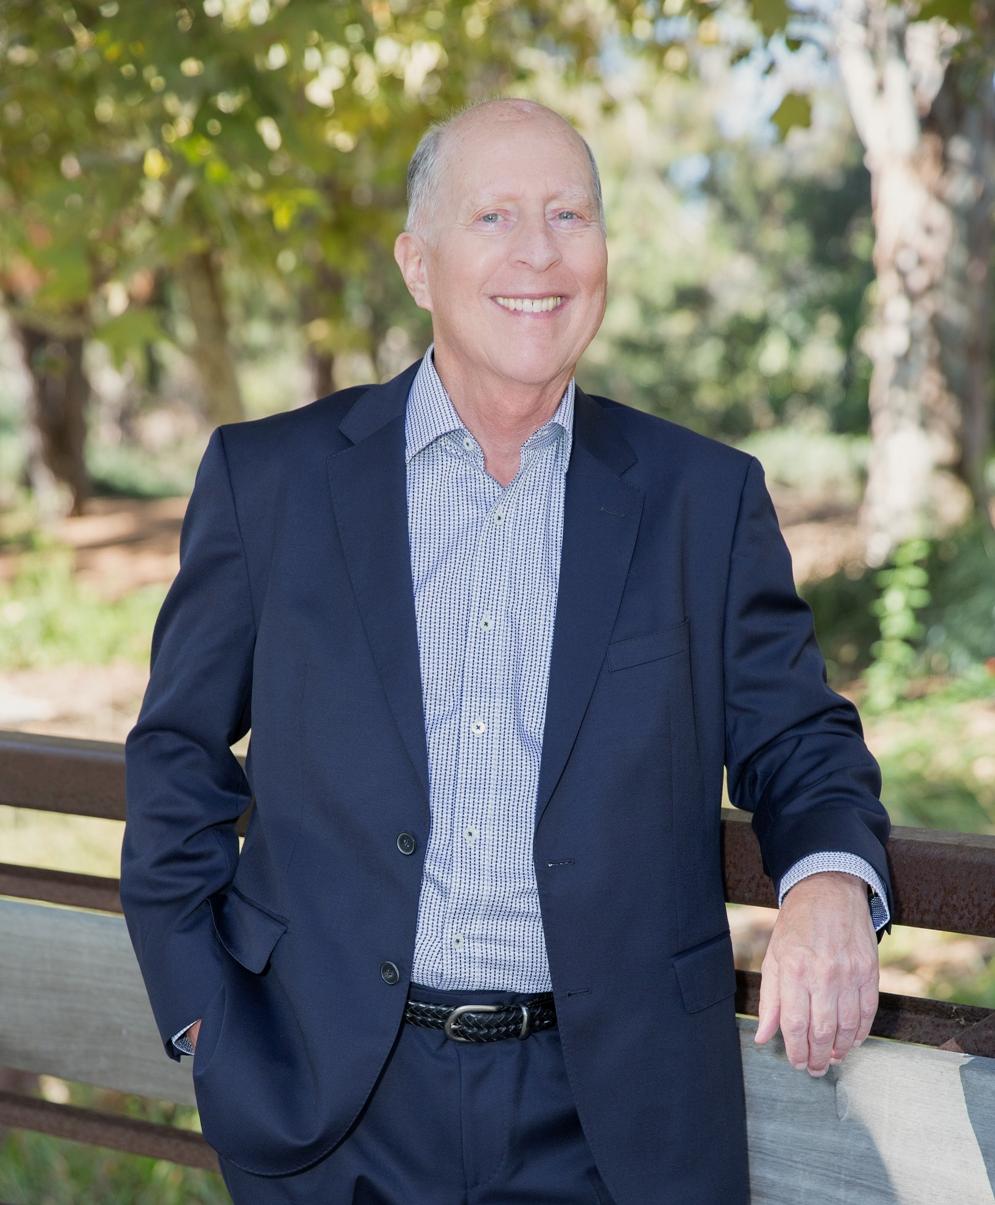 Rick Cosenza